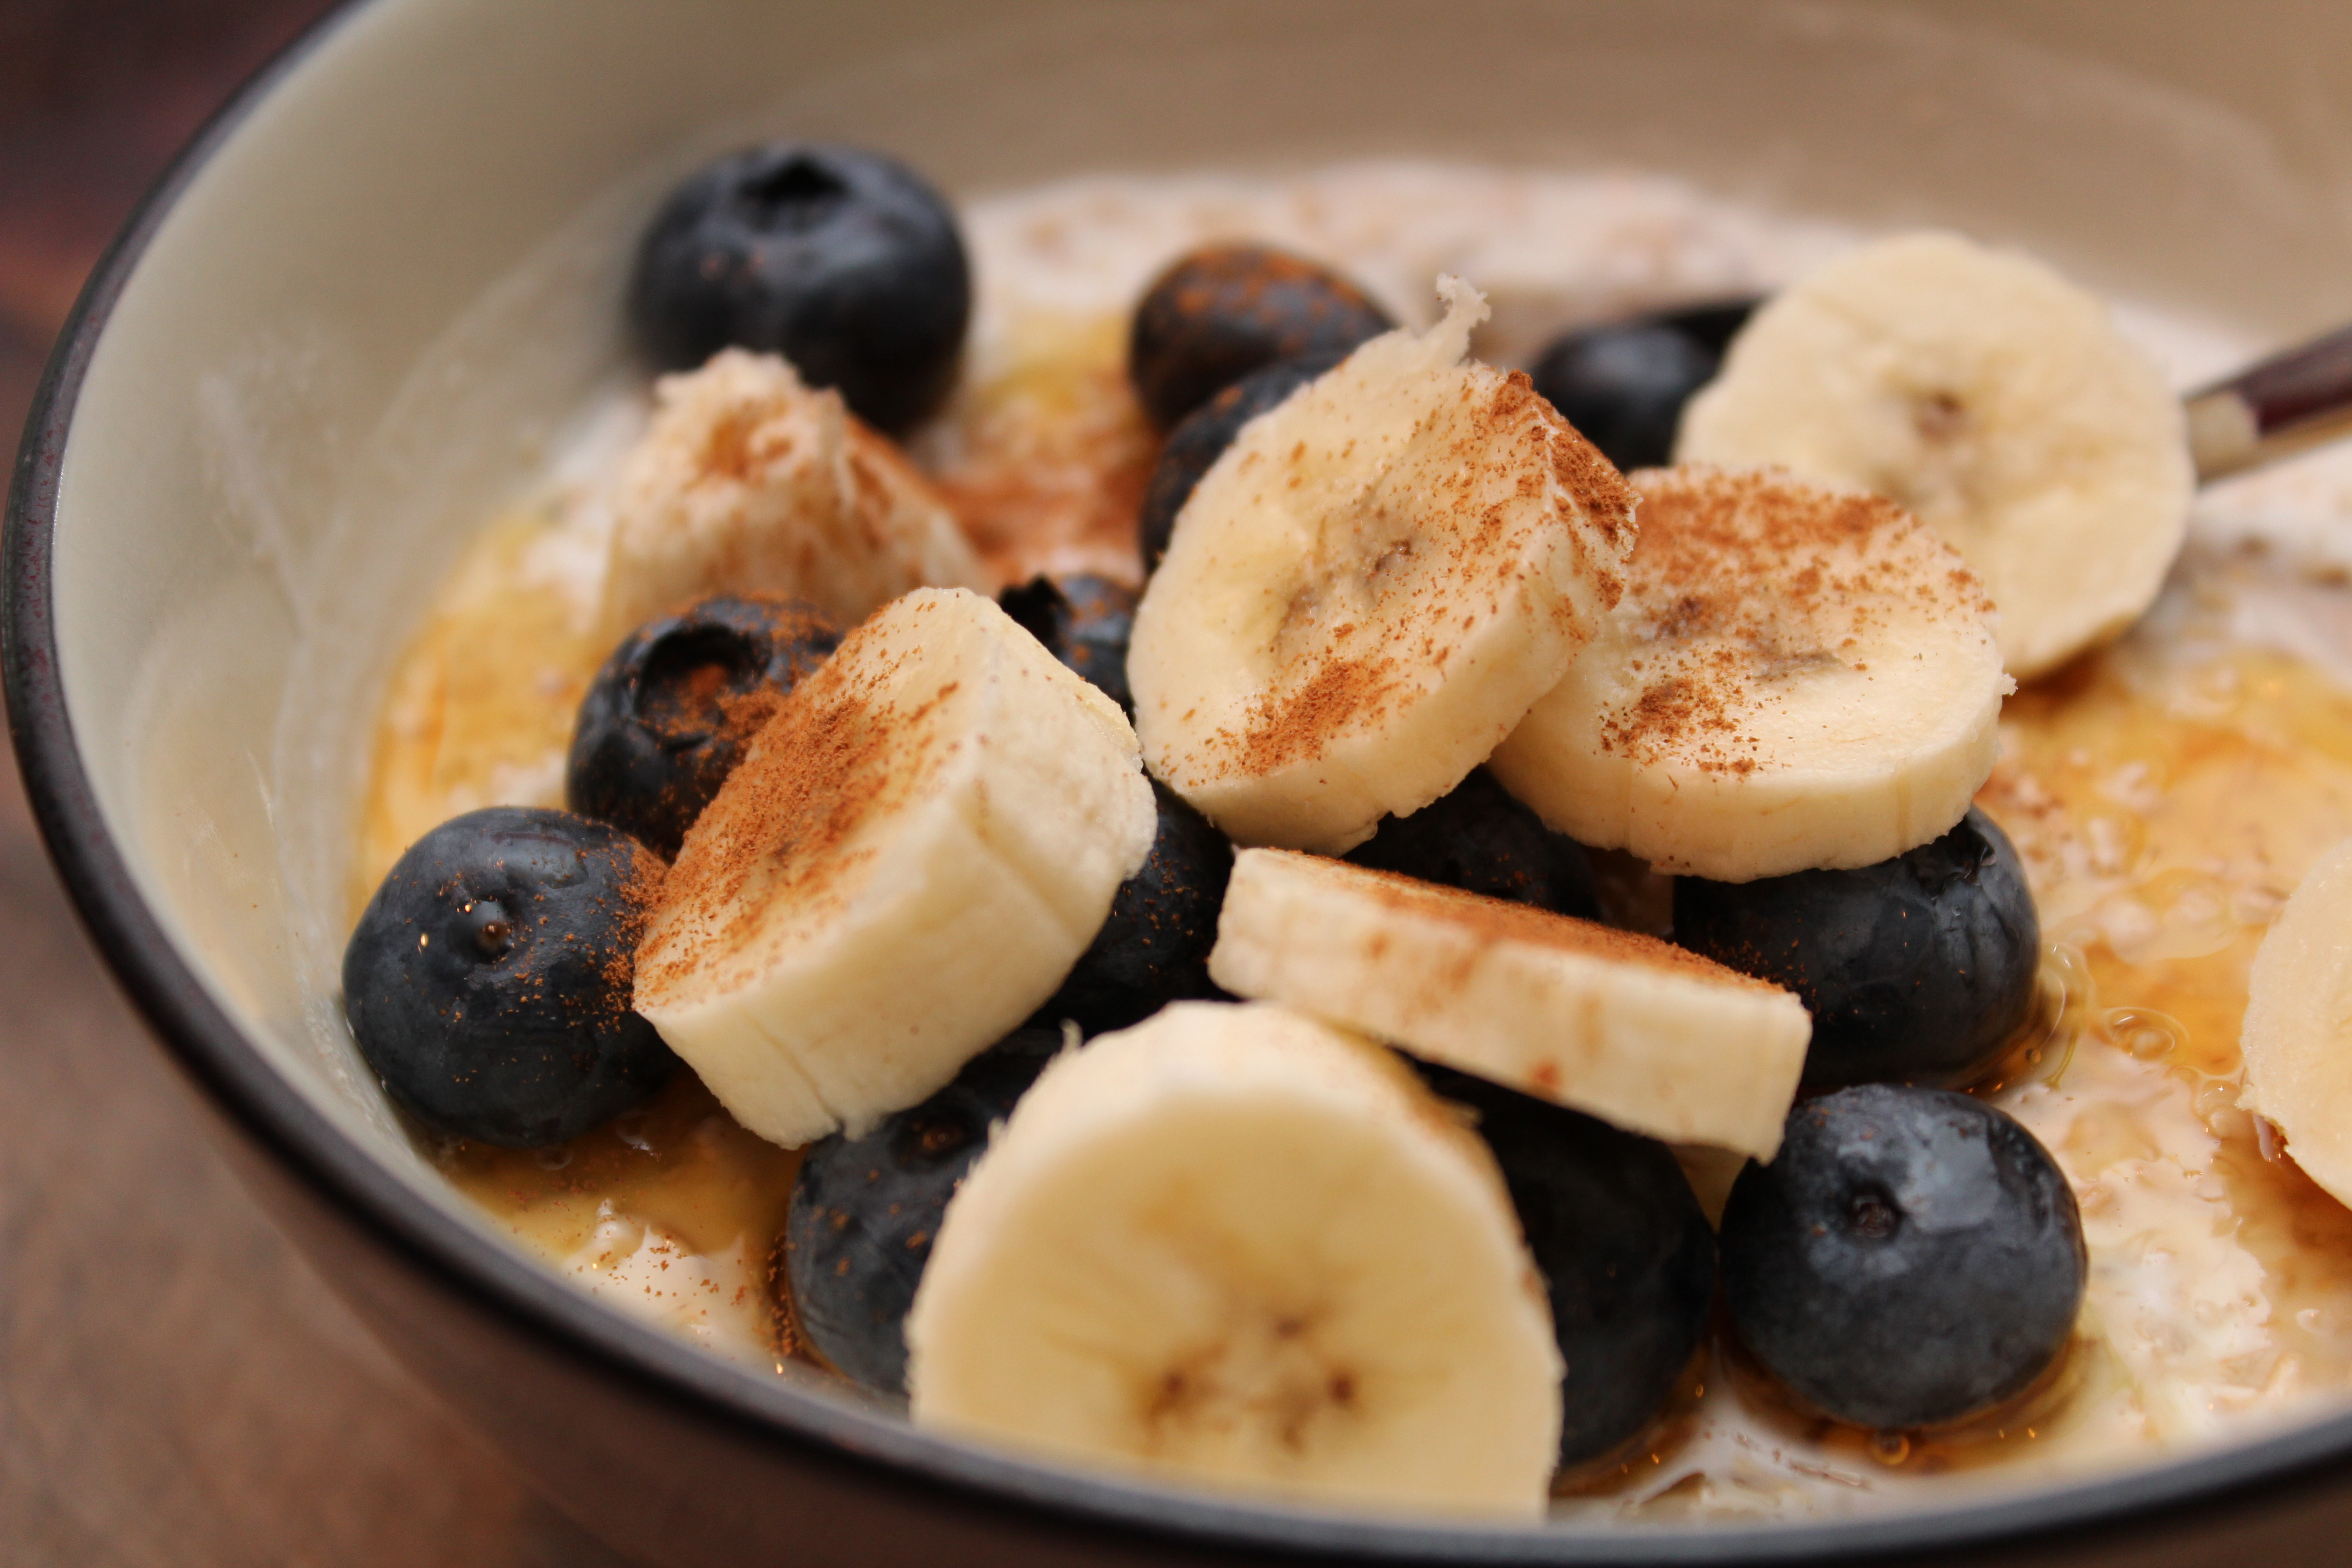 Simple Healthy Breakfast 20 Best Ideas tomorroats A Quick Simple & Healthy Breakfast Sarah S